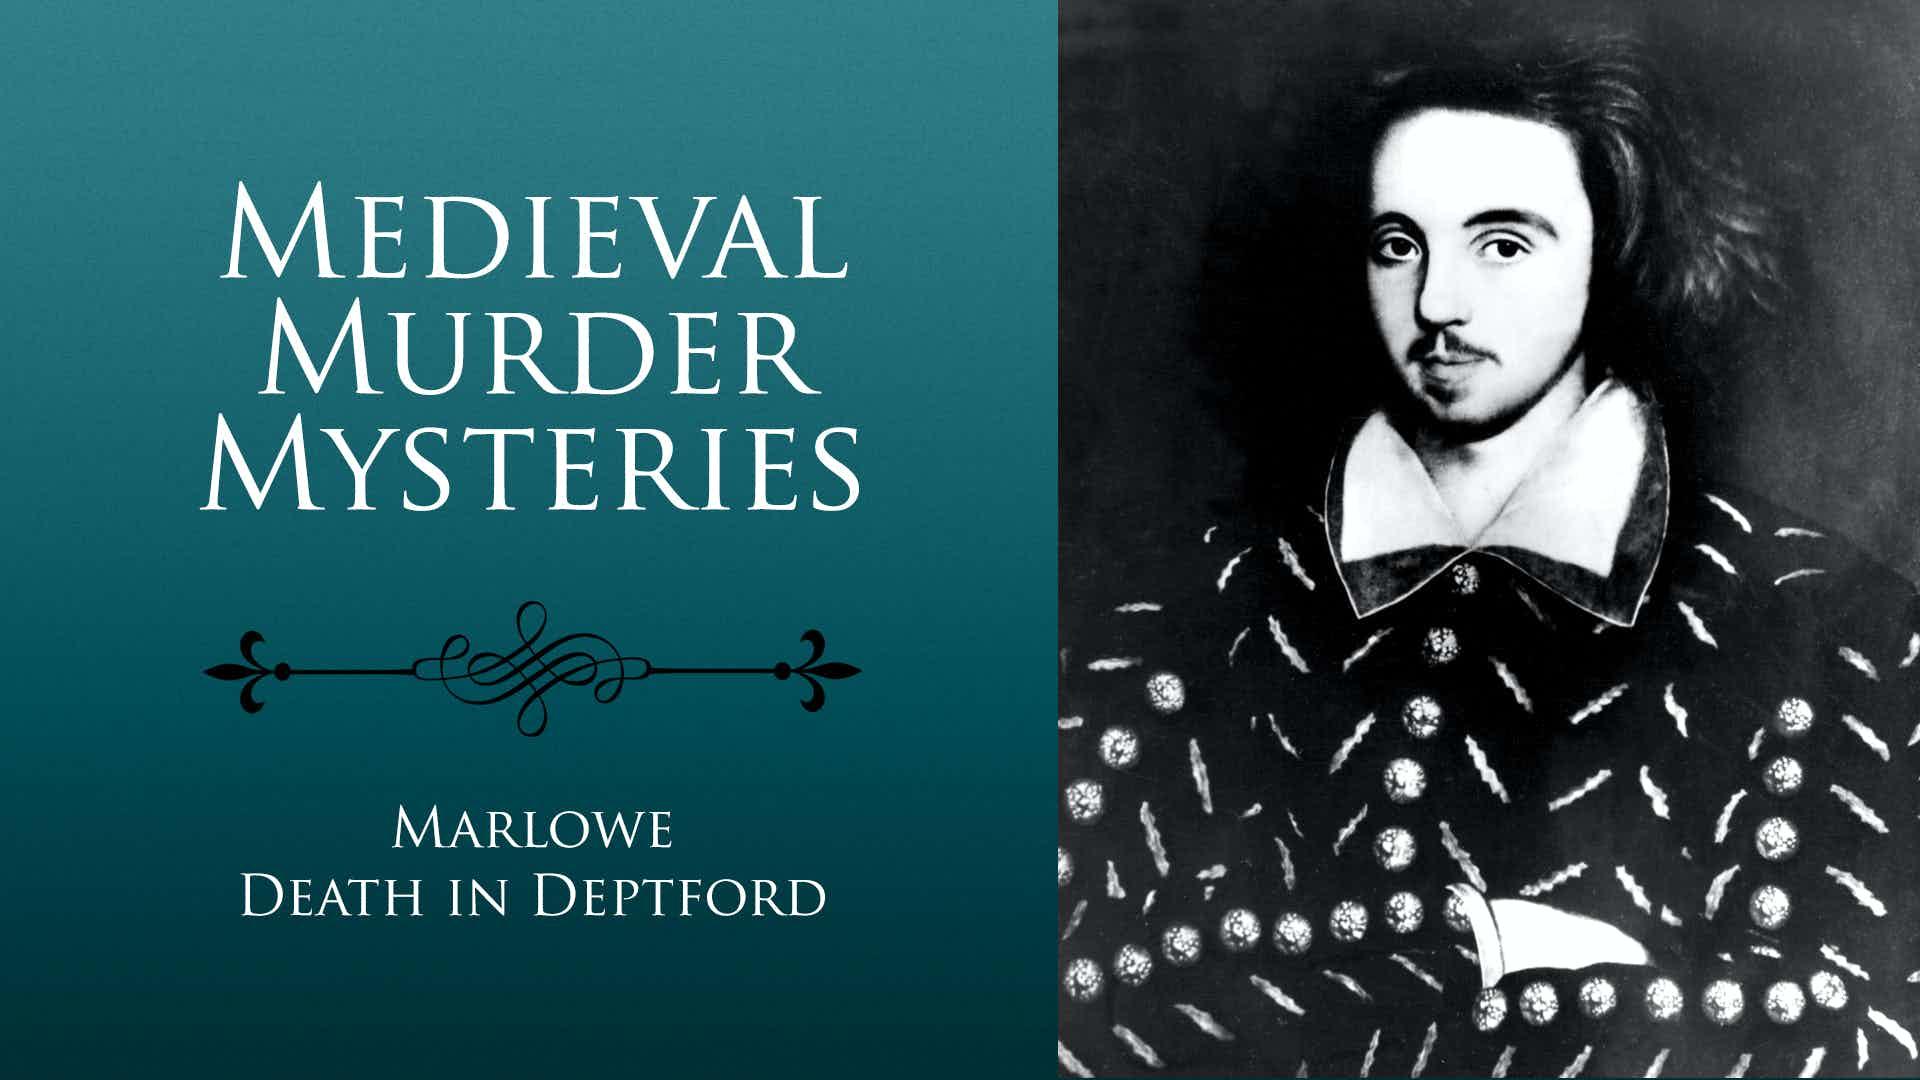 Medieval Murder Mysteries. Marlowe: Death in Deptford